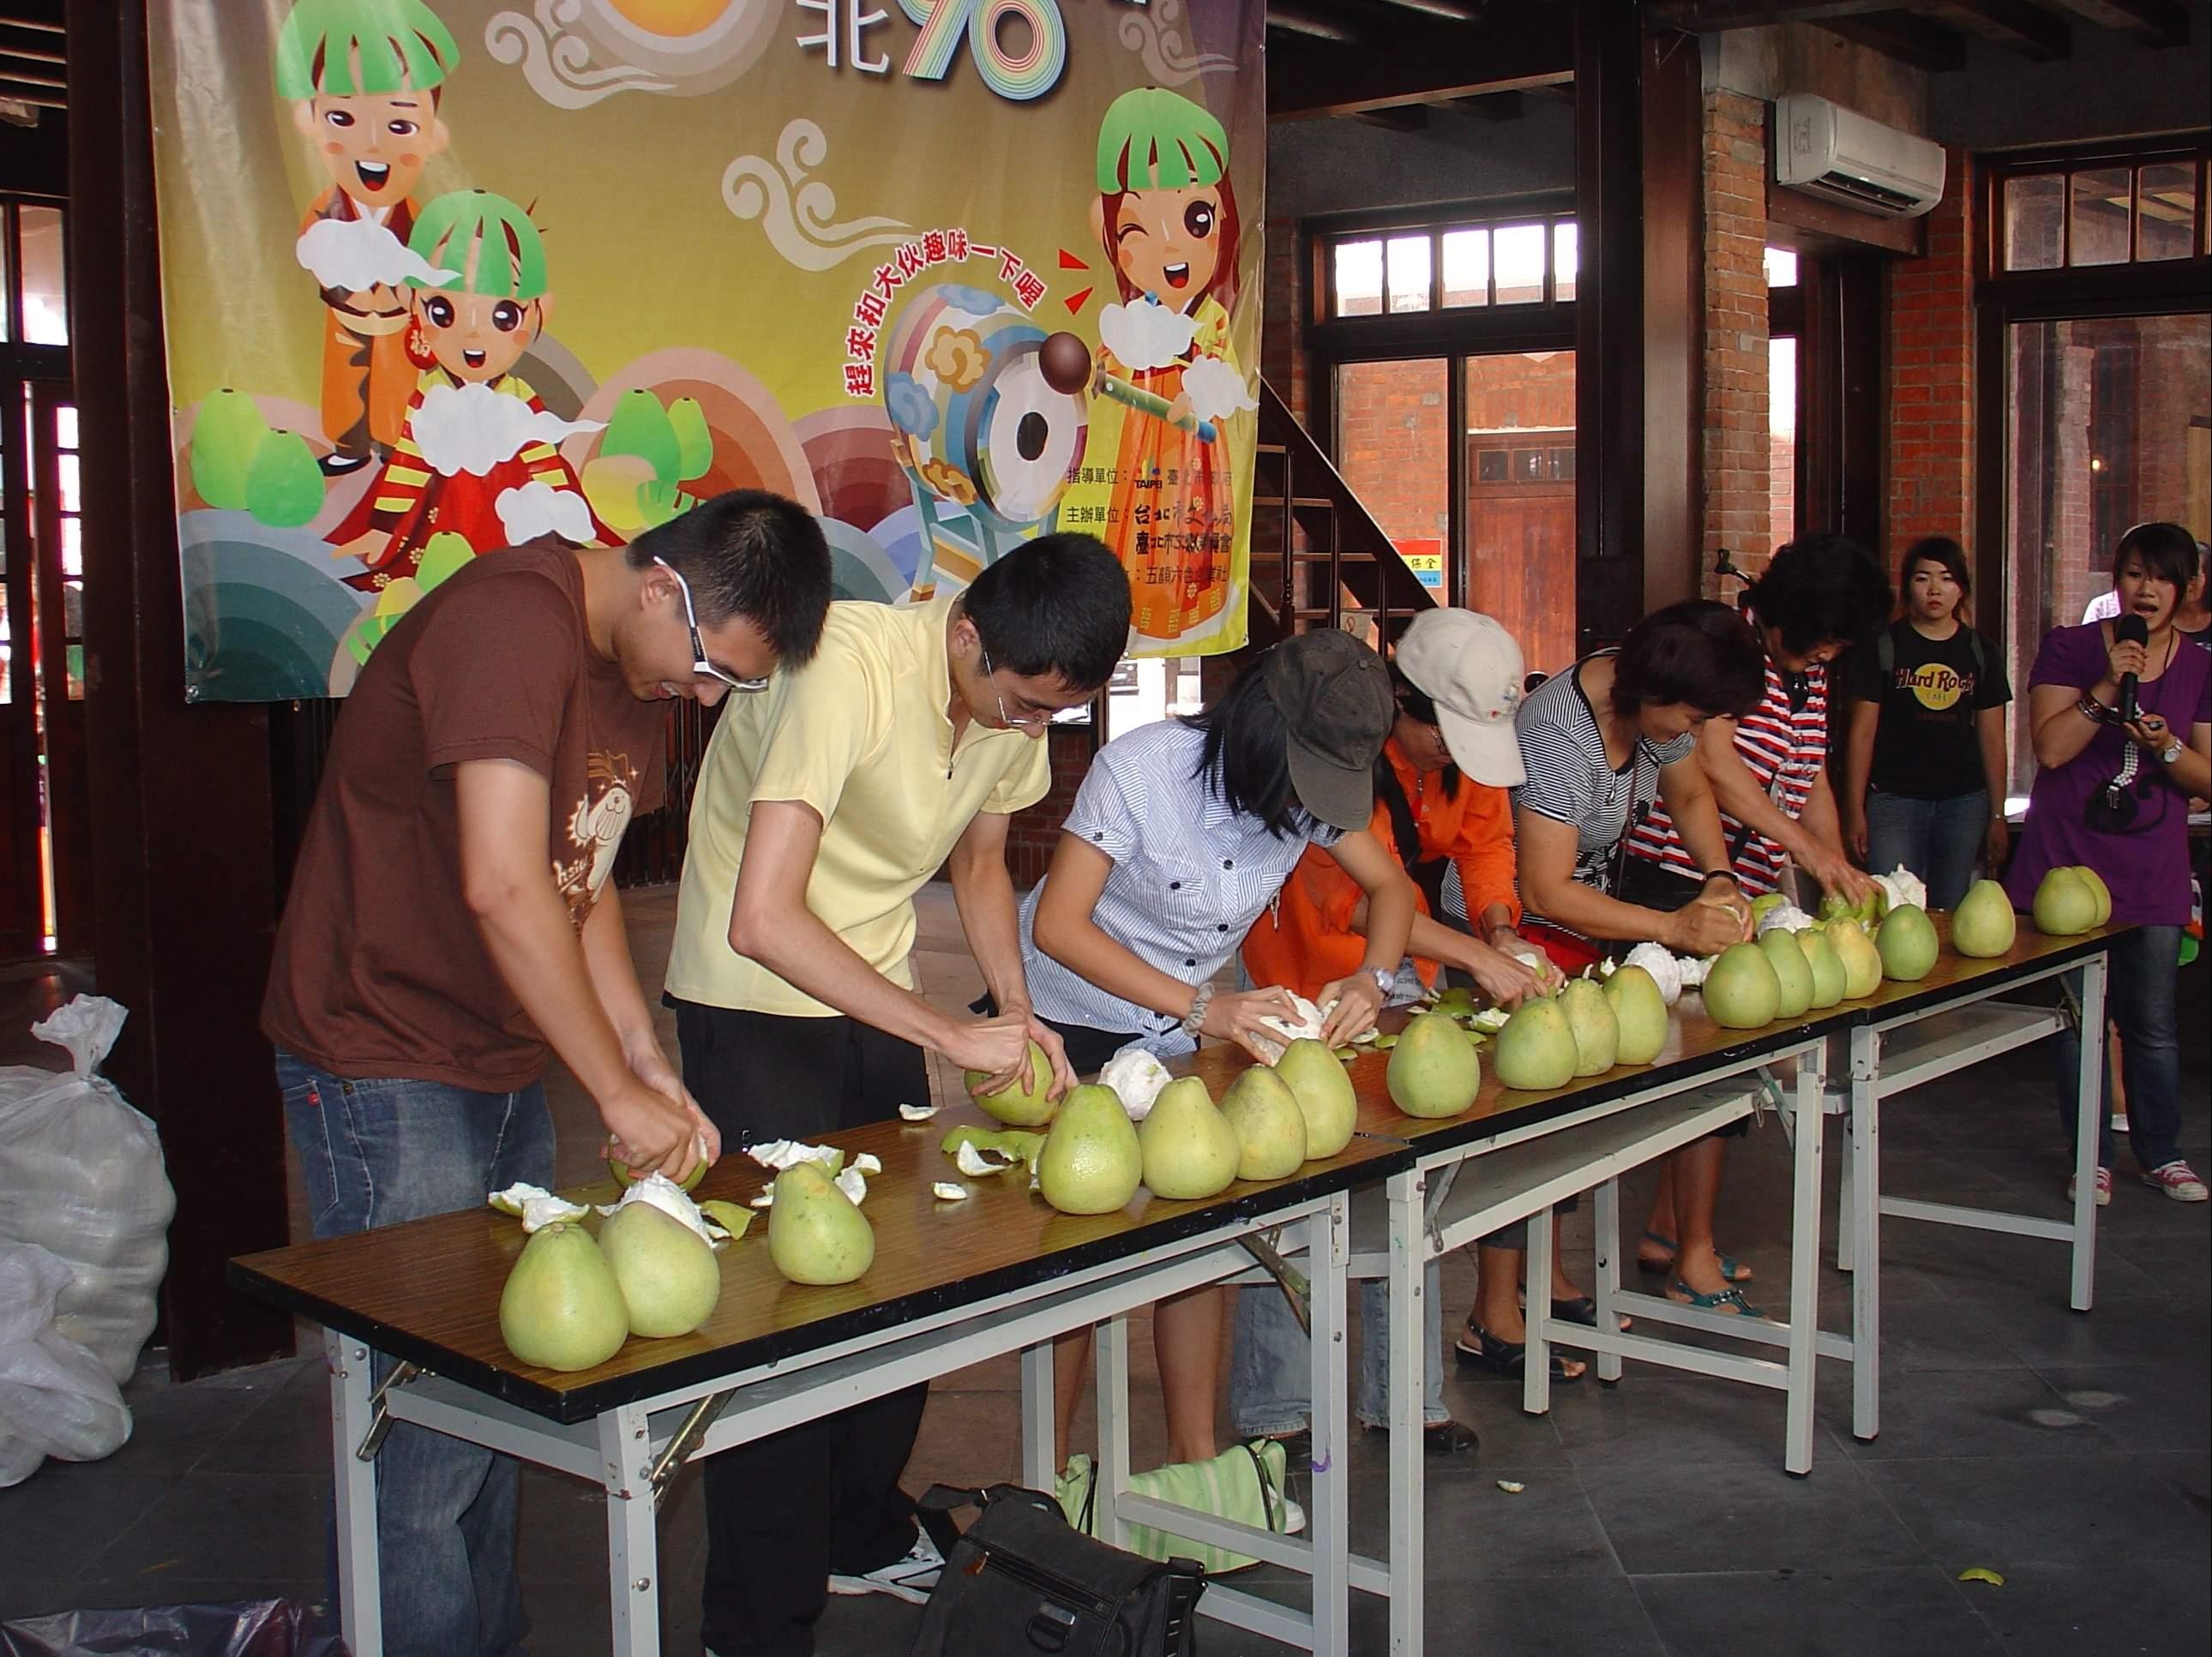 圖表:「中秋節活動:剝柚子大賽」參賽民眾專心剝袖子之情景